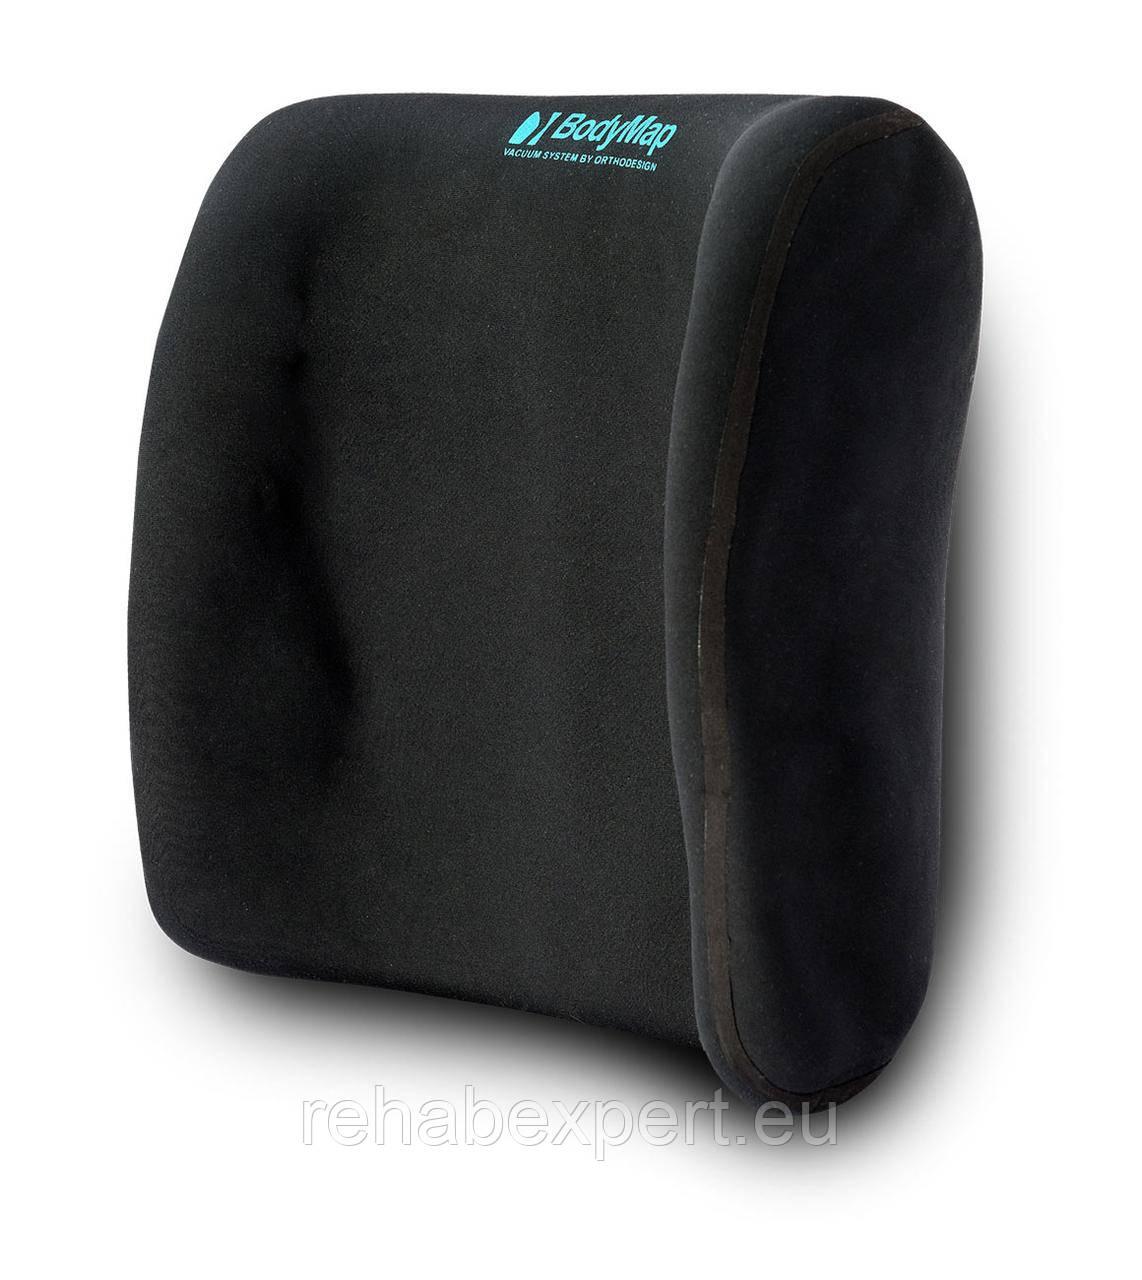 Вакуумная подушка спинки для стабилизации позвоночника BodyMap B Back Cushion Vacuum System Size 3